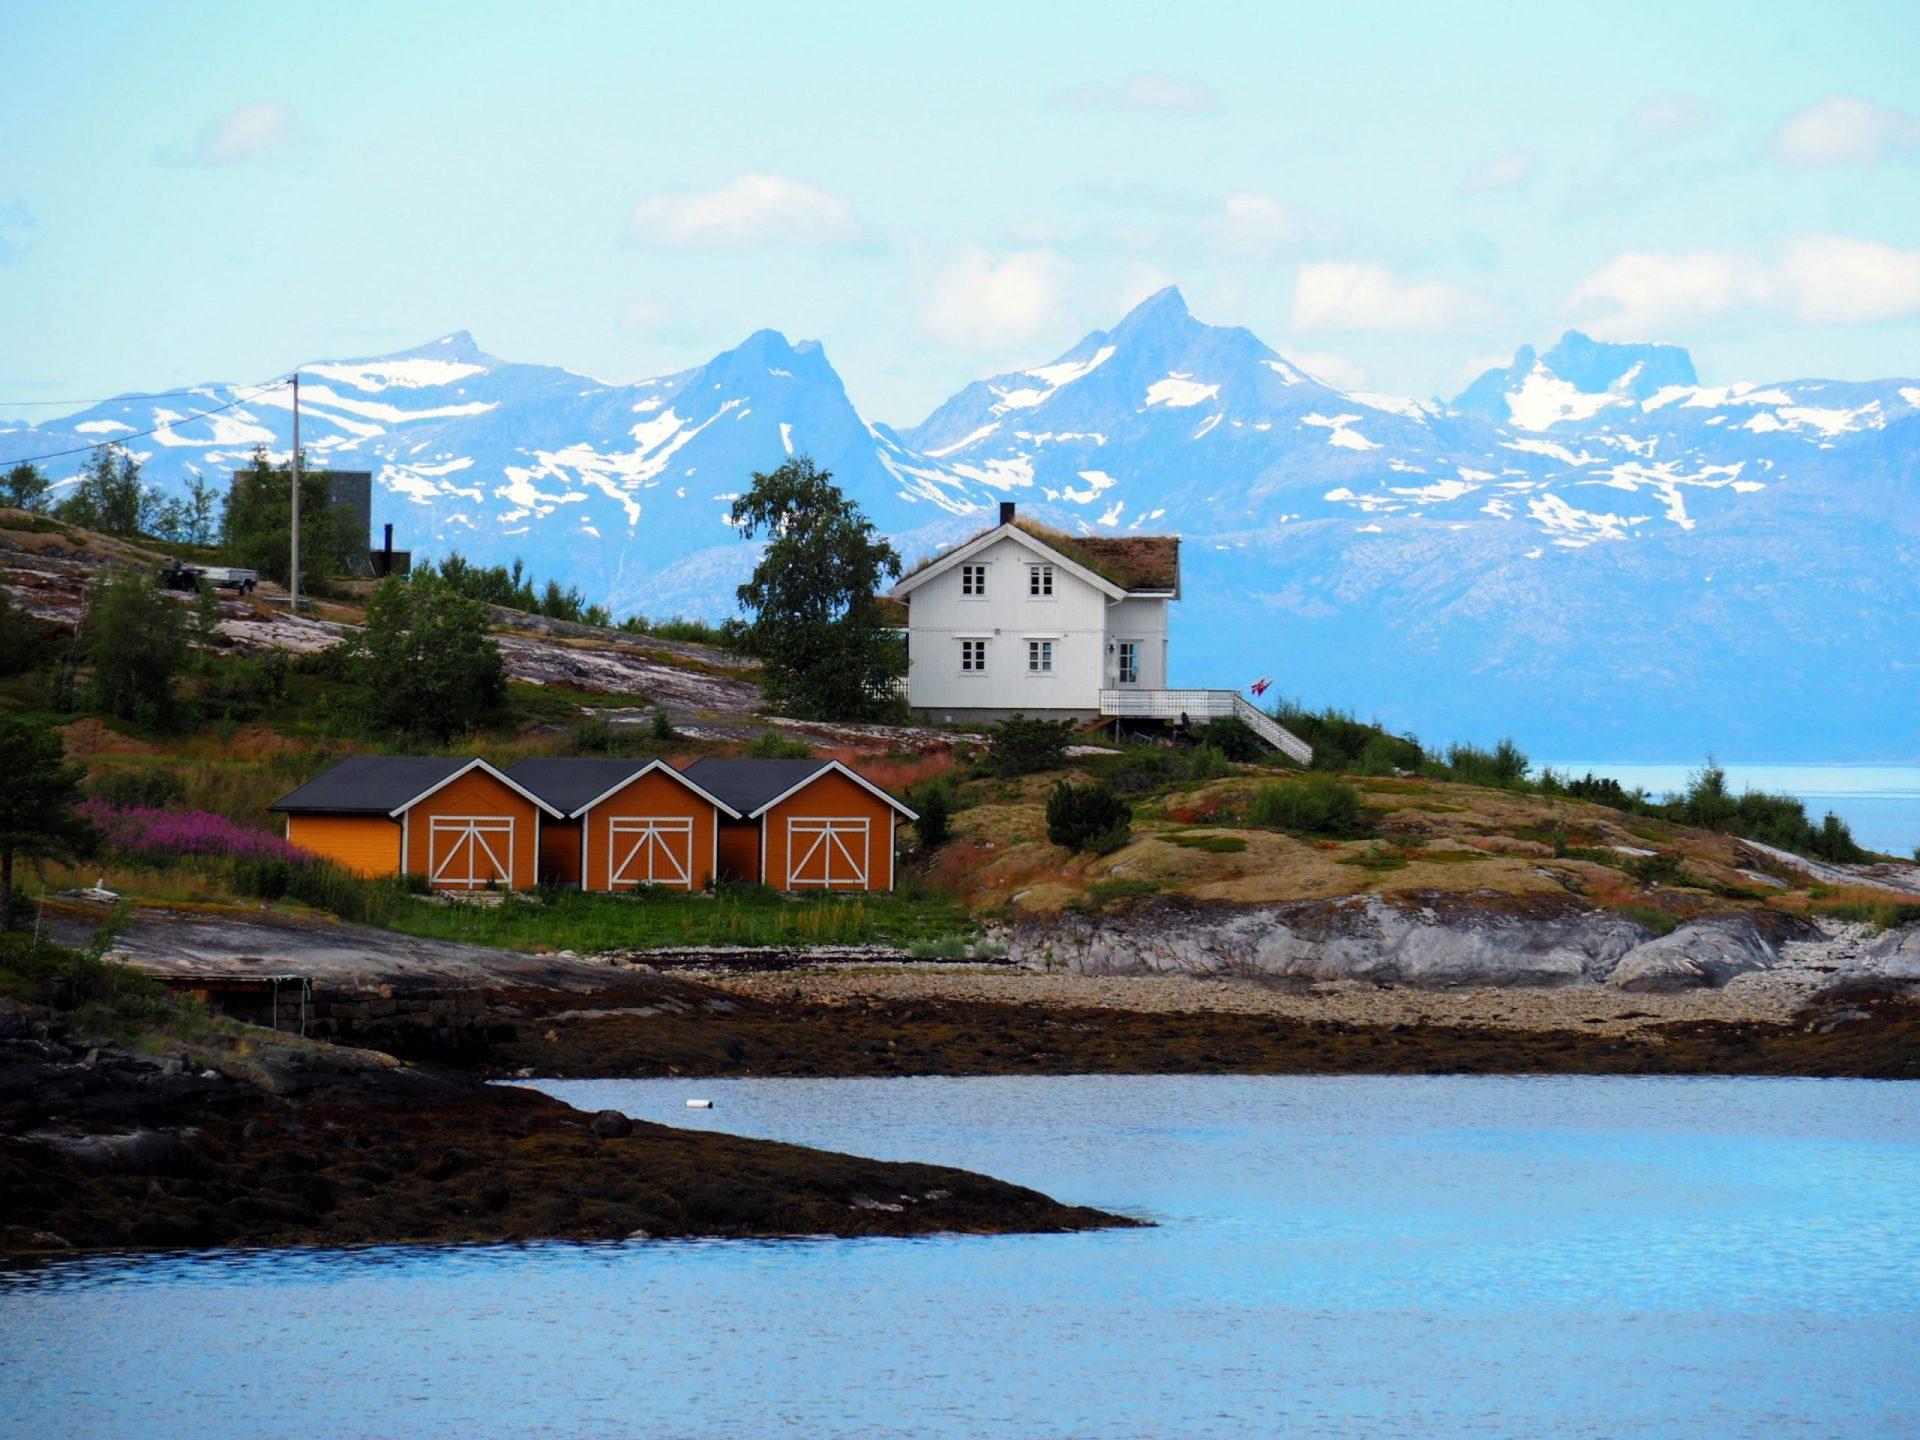 Noorwegen in de zomer